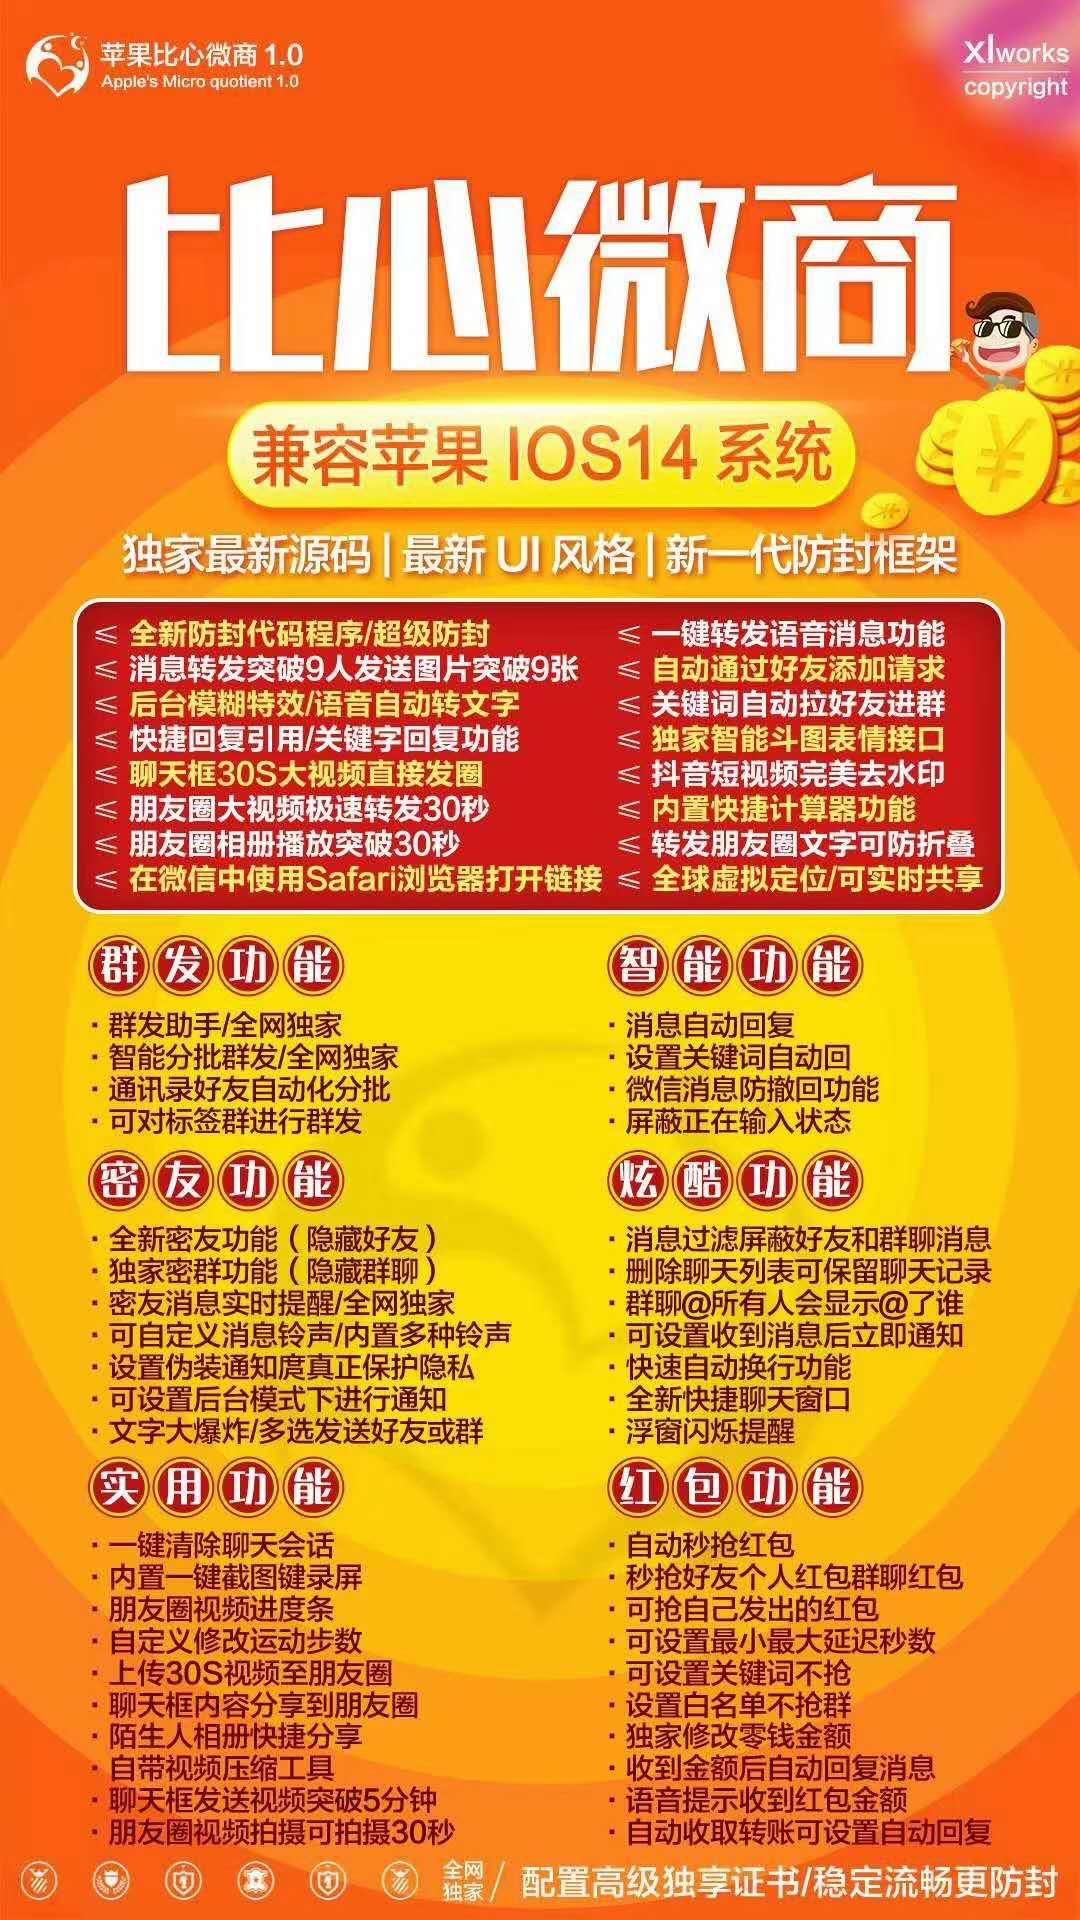 【比心微商】一码双开 独立证书 完美兼容苹果最新系统